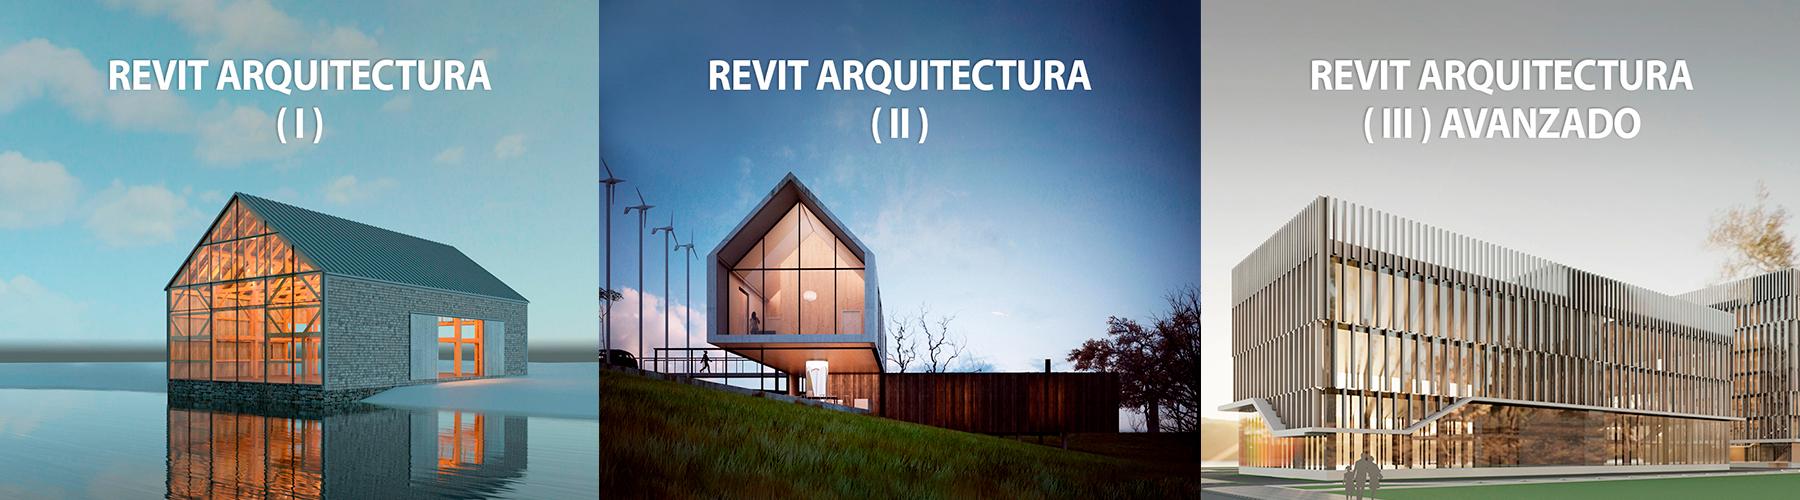 REVIT-ARQUITECTURA-COMPLETO